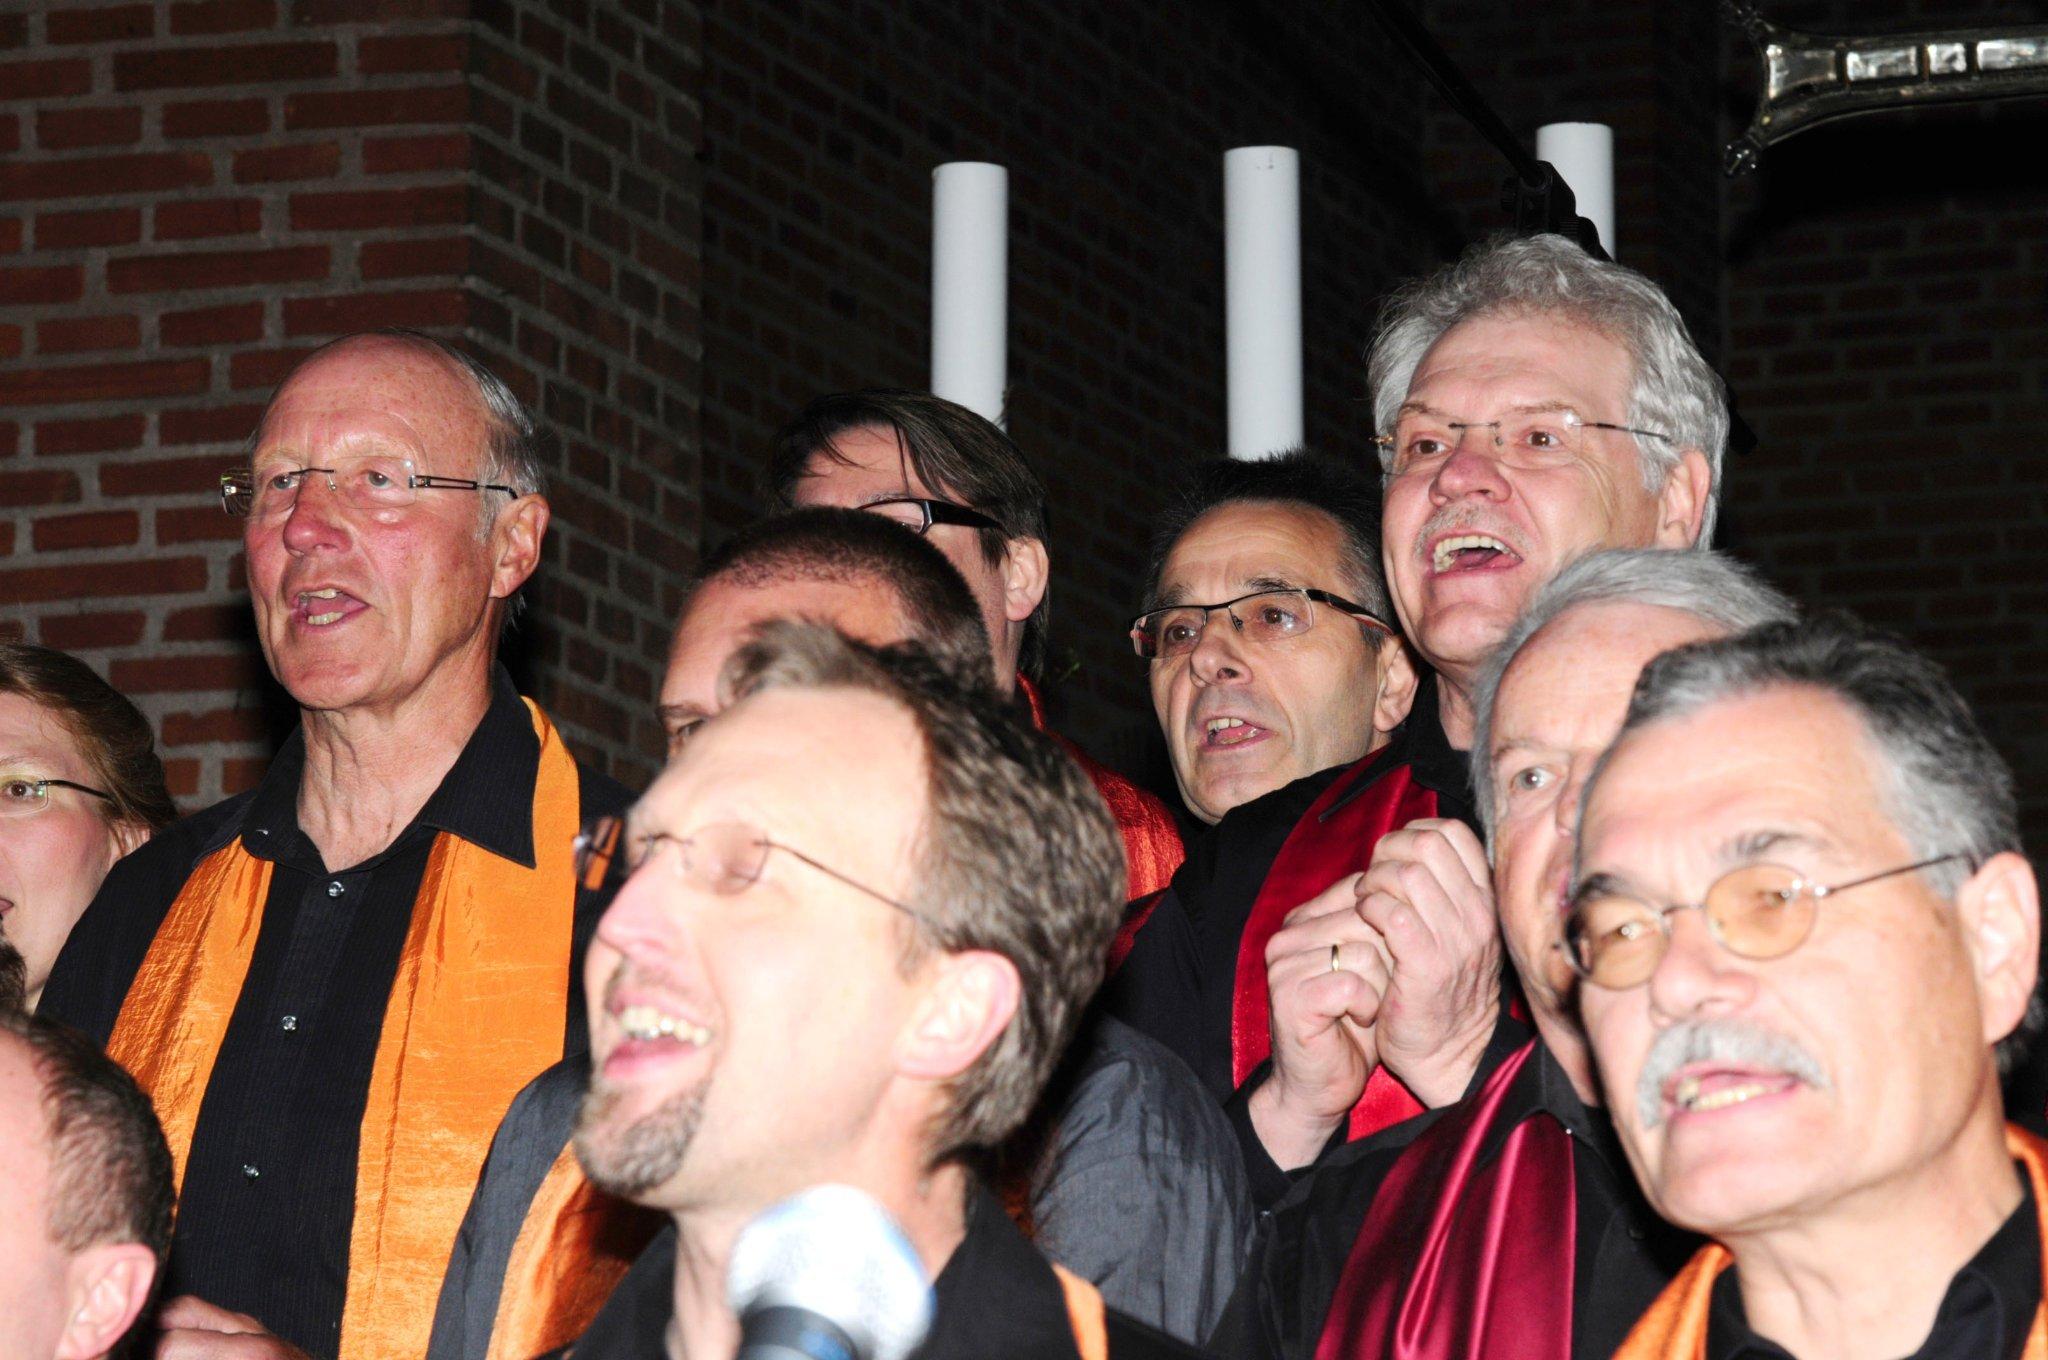 20120422 Reformations Gedaechtniskirche 45